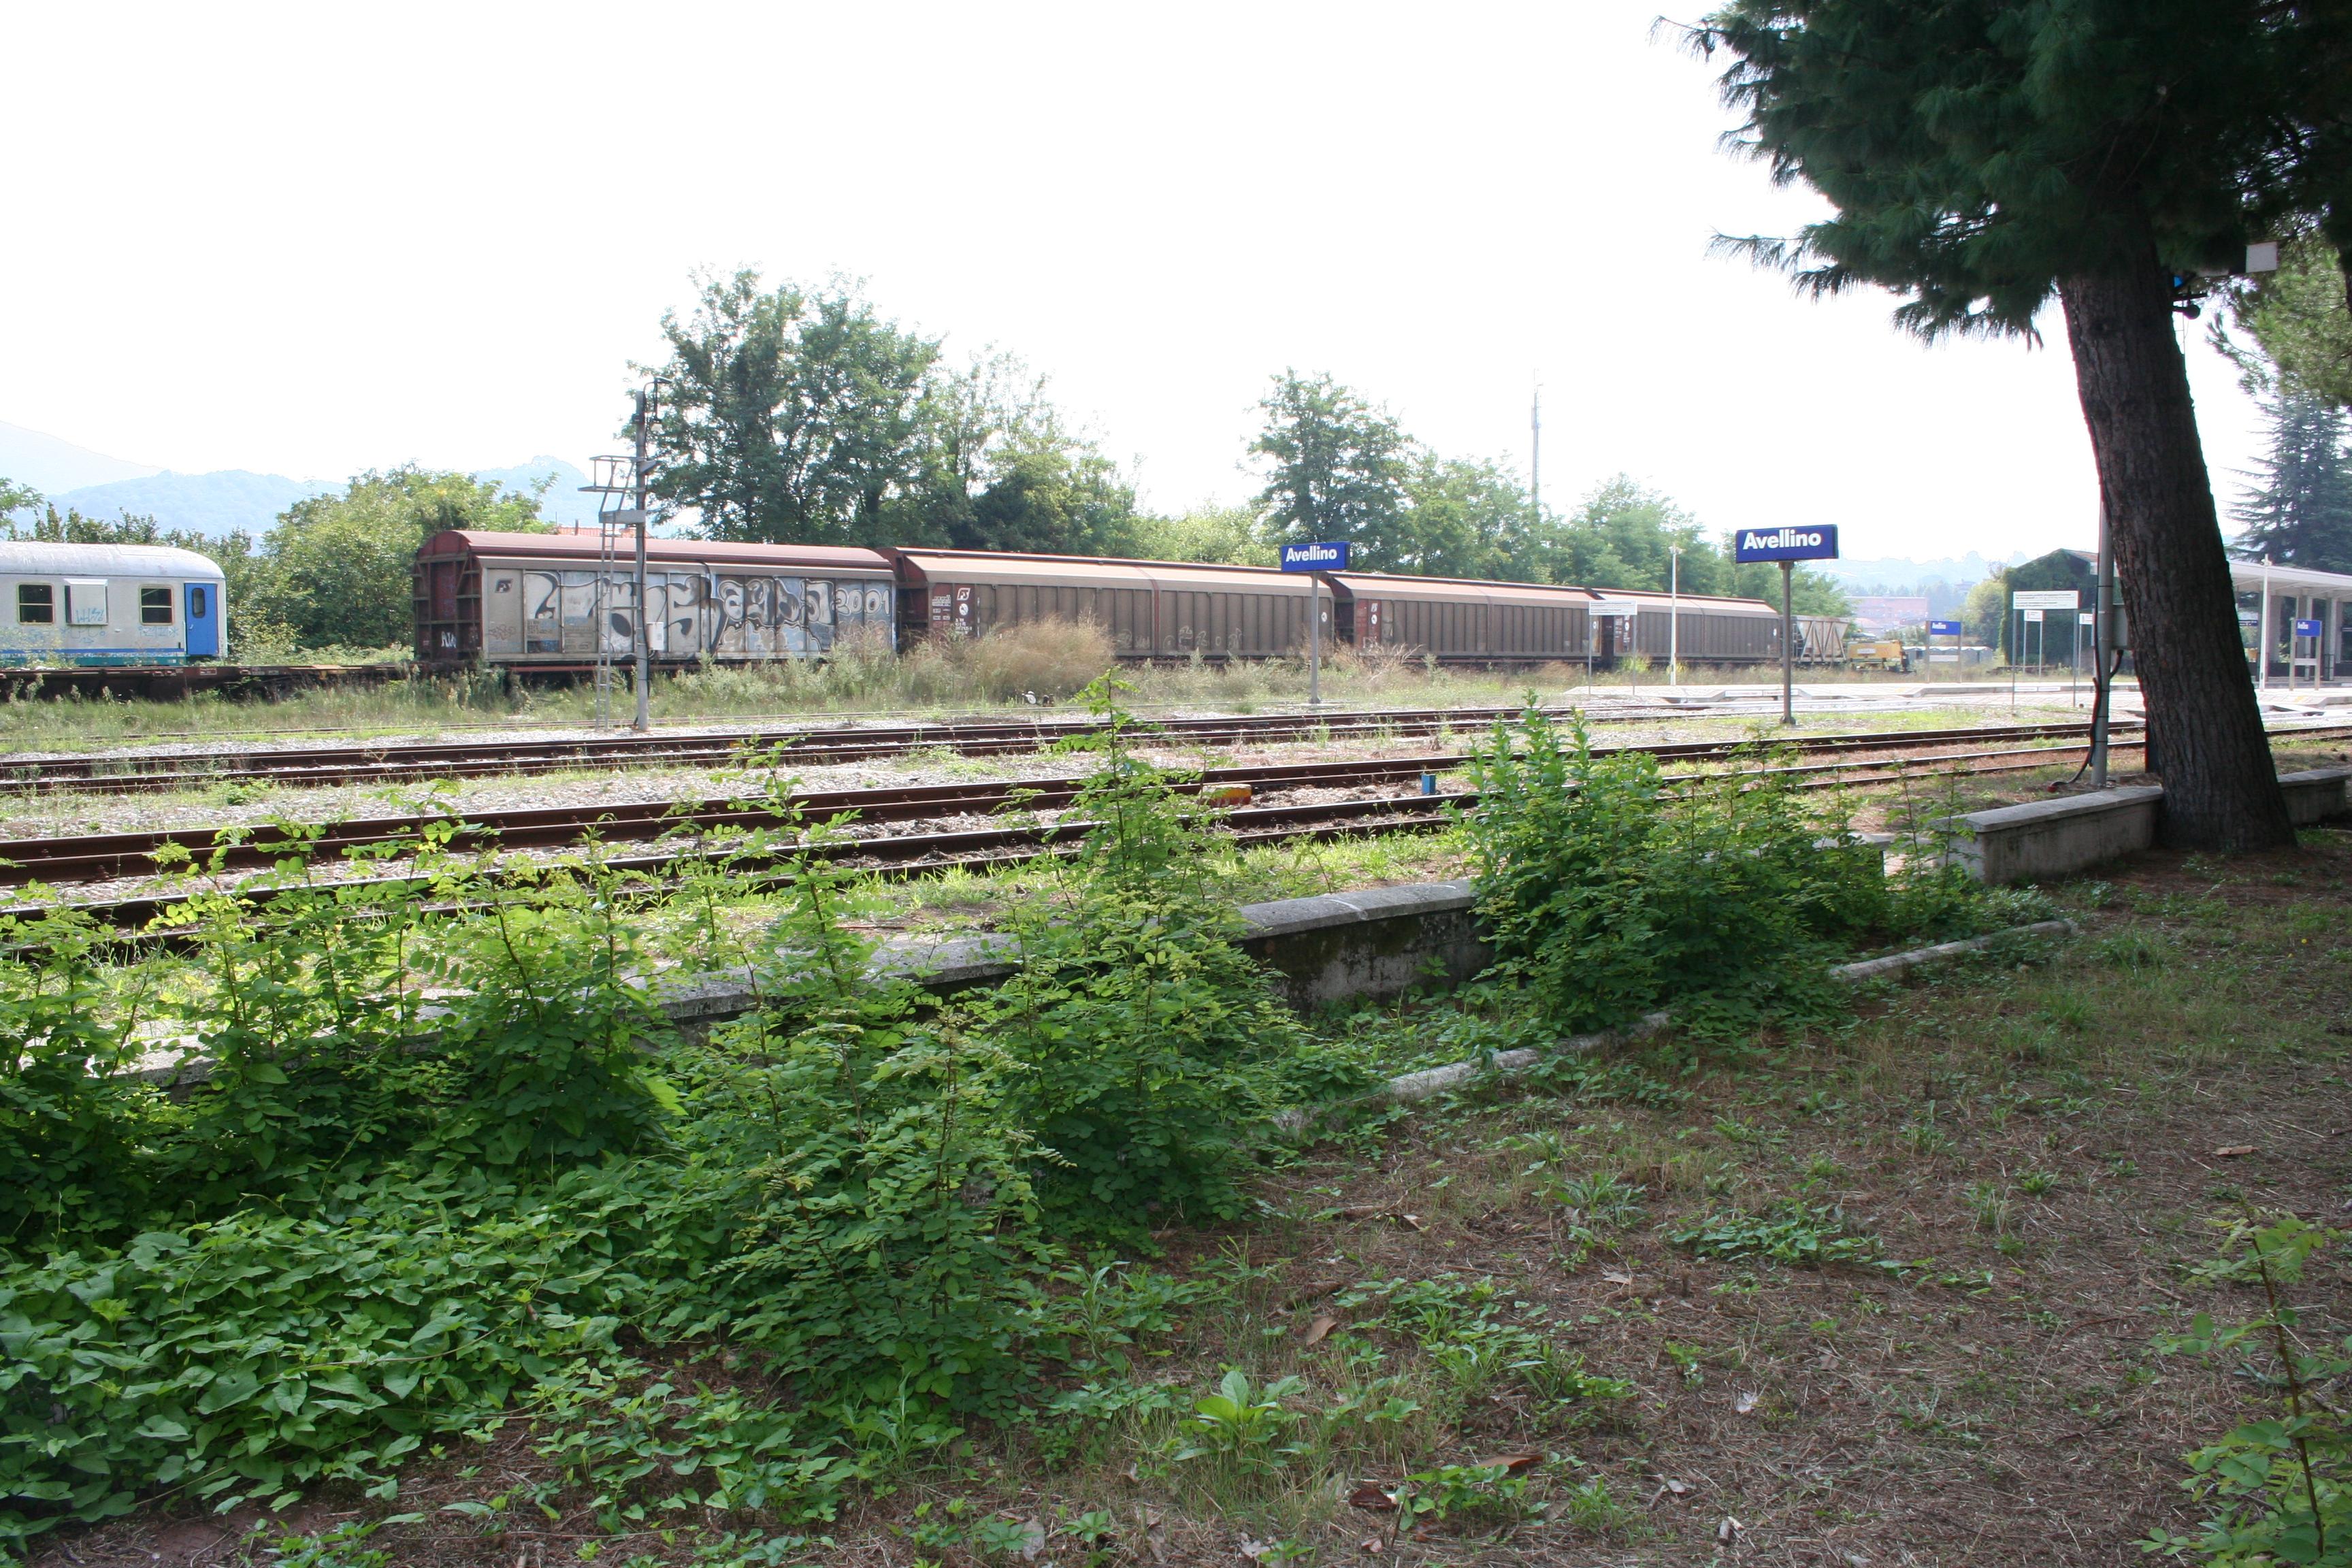 foto stazione abbandonata